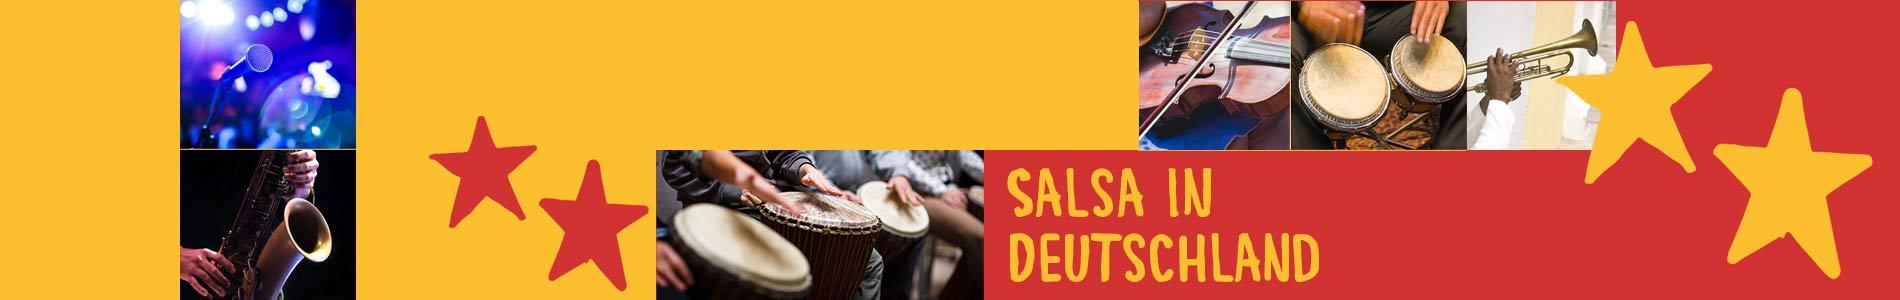 Salsa in Dauchingen – Salsa lernen und tanzen, Tanzkurse, Partys, Veranstaltungen